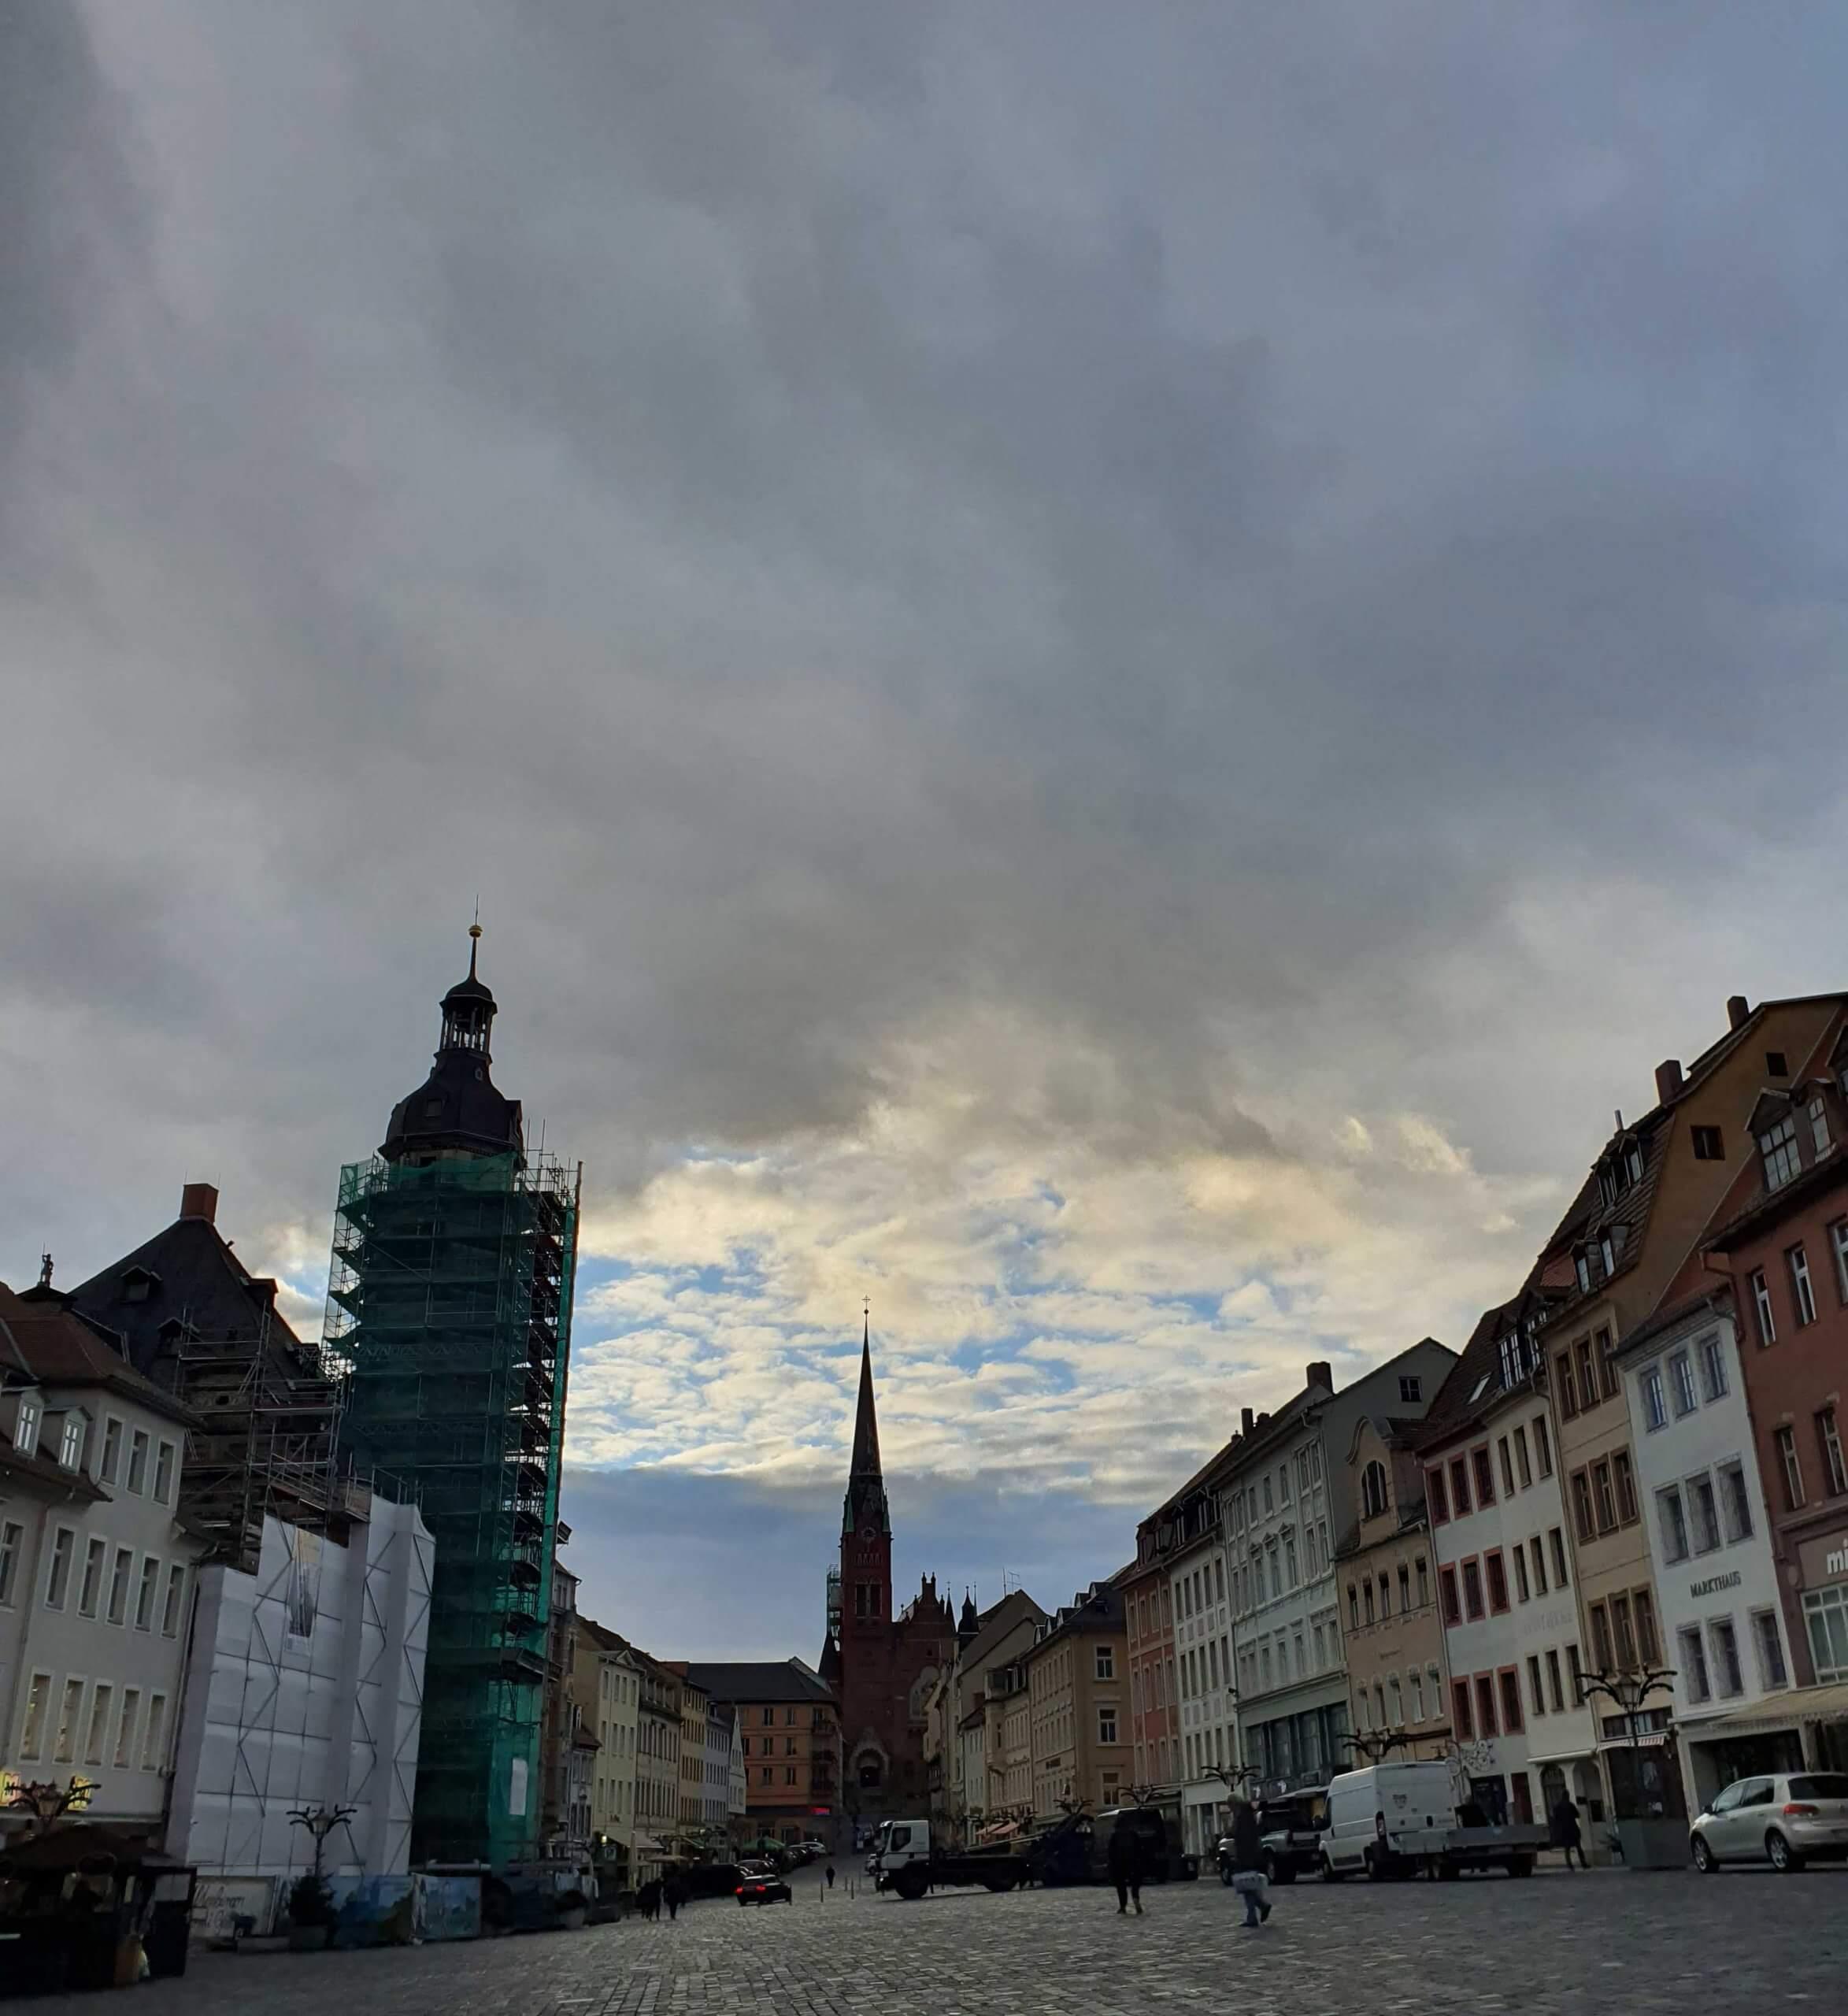 Wolkenschauspiel, Foto: Maike Steuer